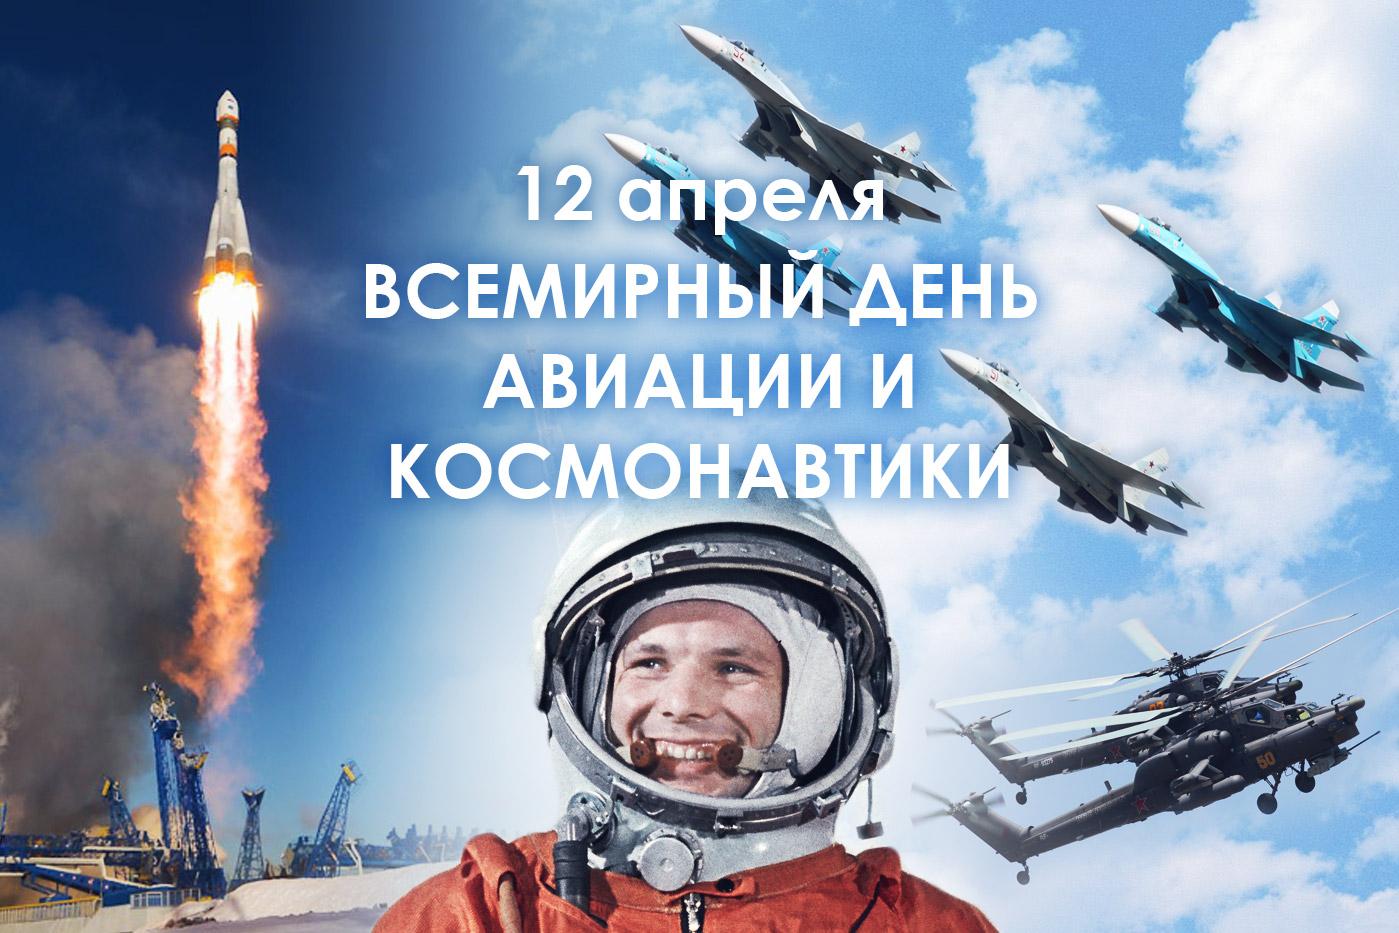 Частушками, картинка с днем авиации и космонавтики